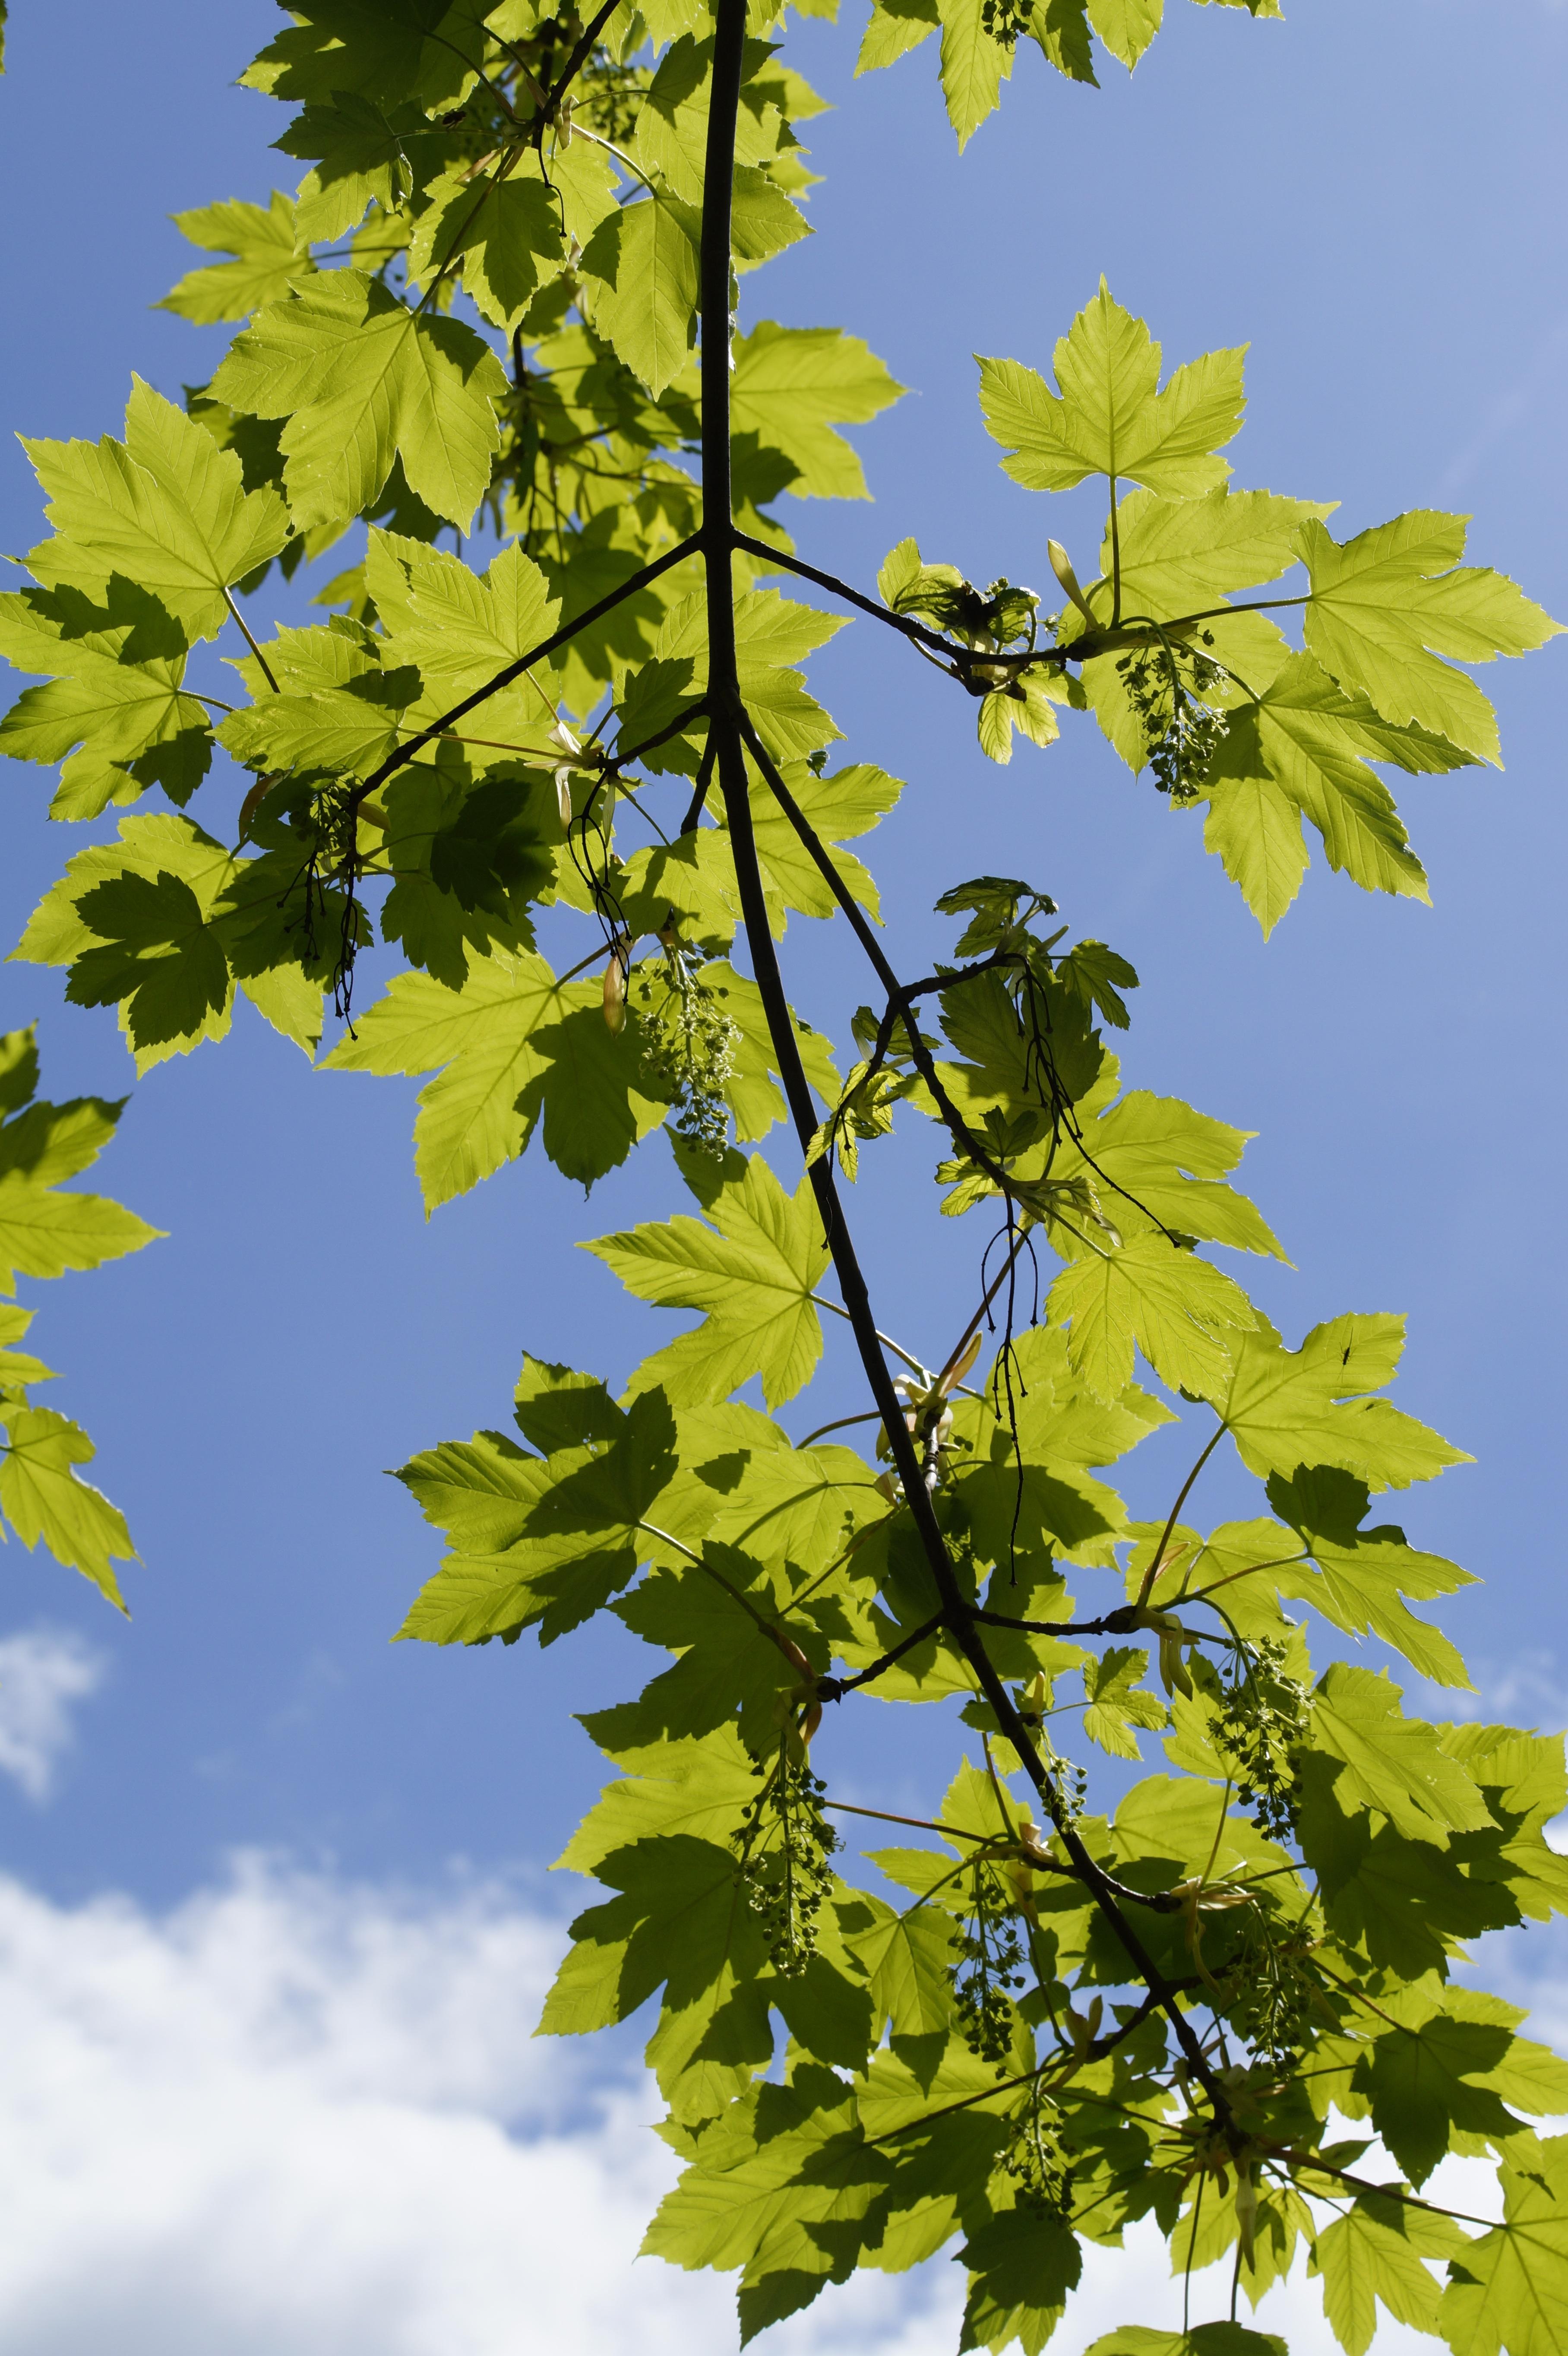 images gratuites arbre branche ciel lumi re du soleil feuille fleur printemps produire. Black Bedroom Furniture Sets. Home Design Ideas